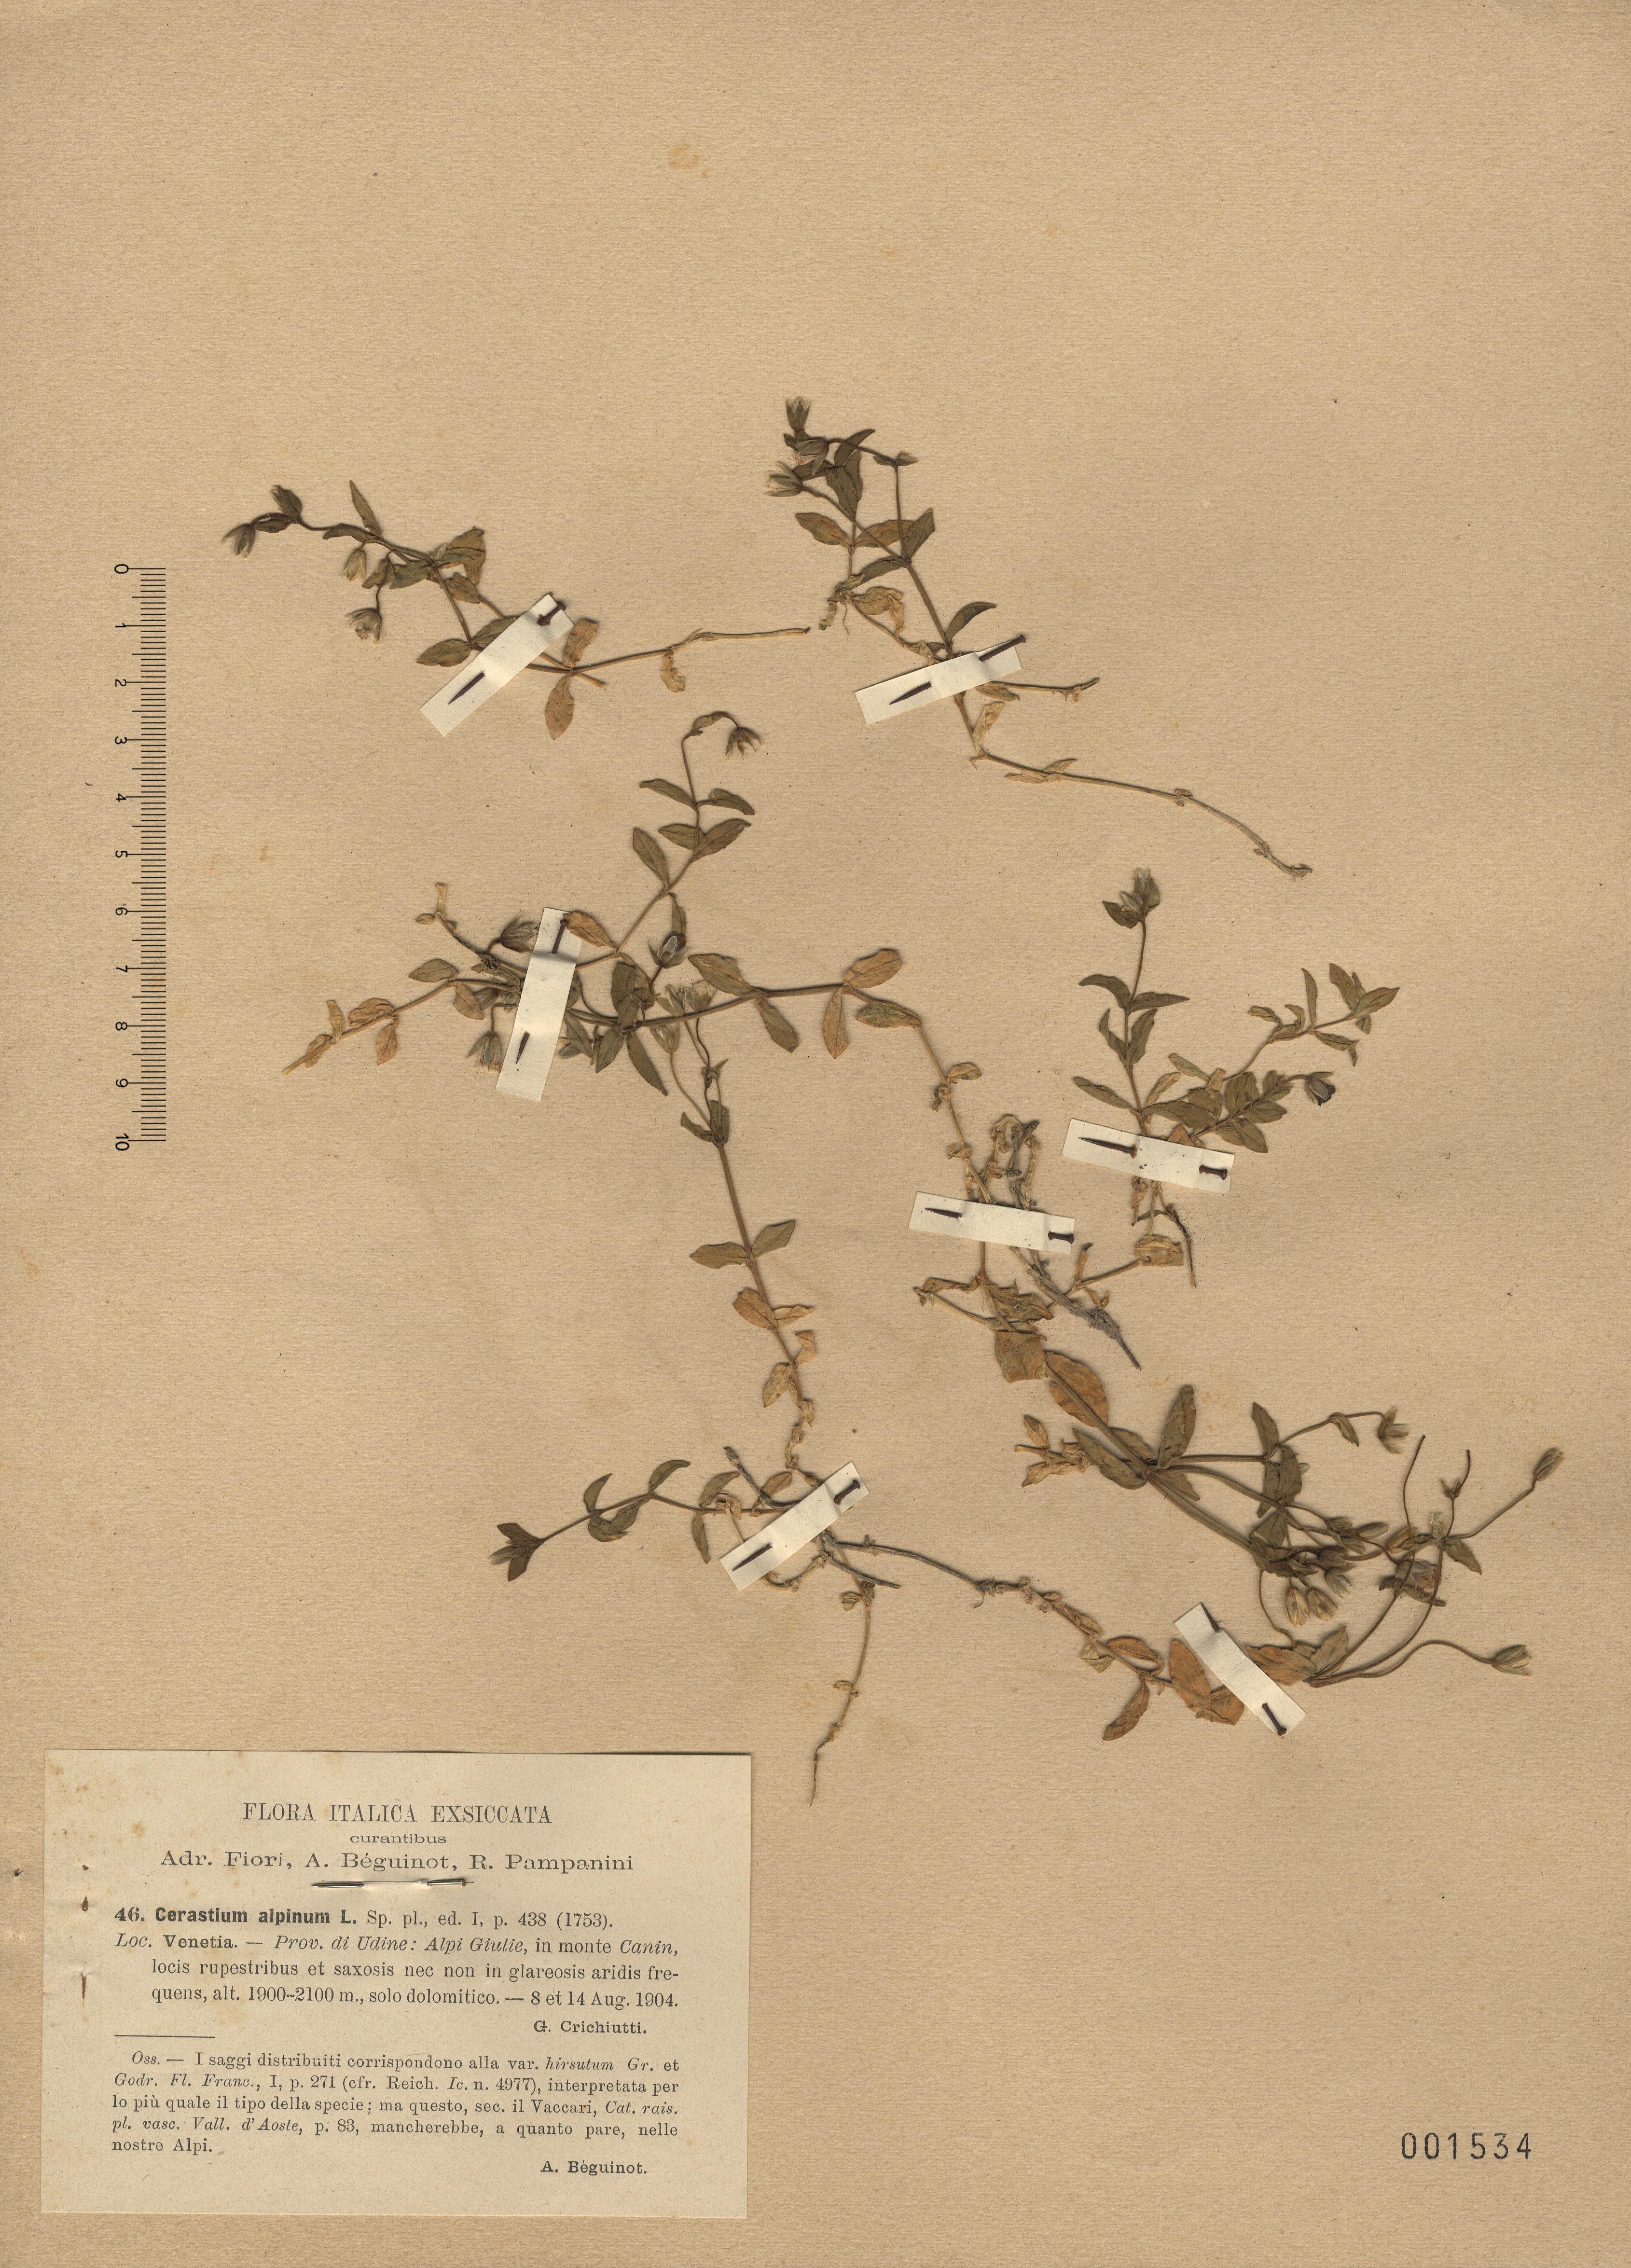 © Hortus Botanicus Catinensis - Herb. sheet 001534<br>